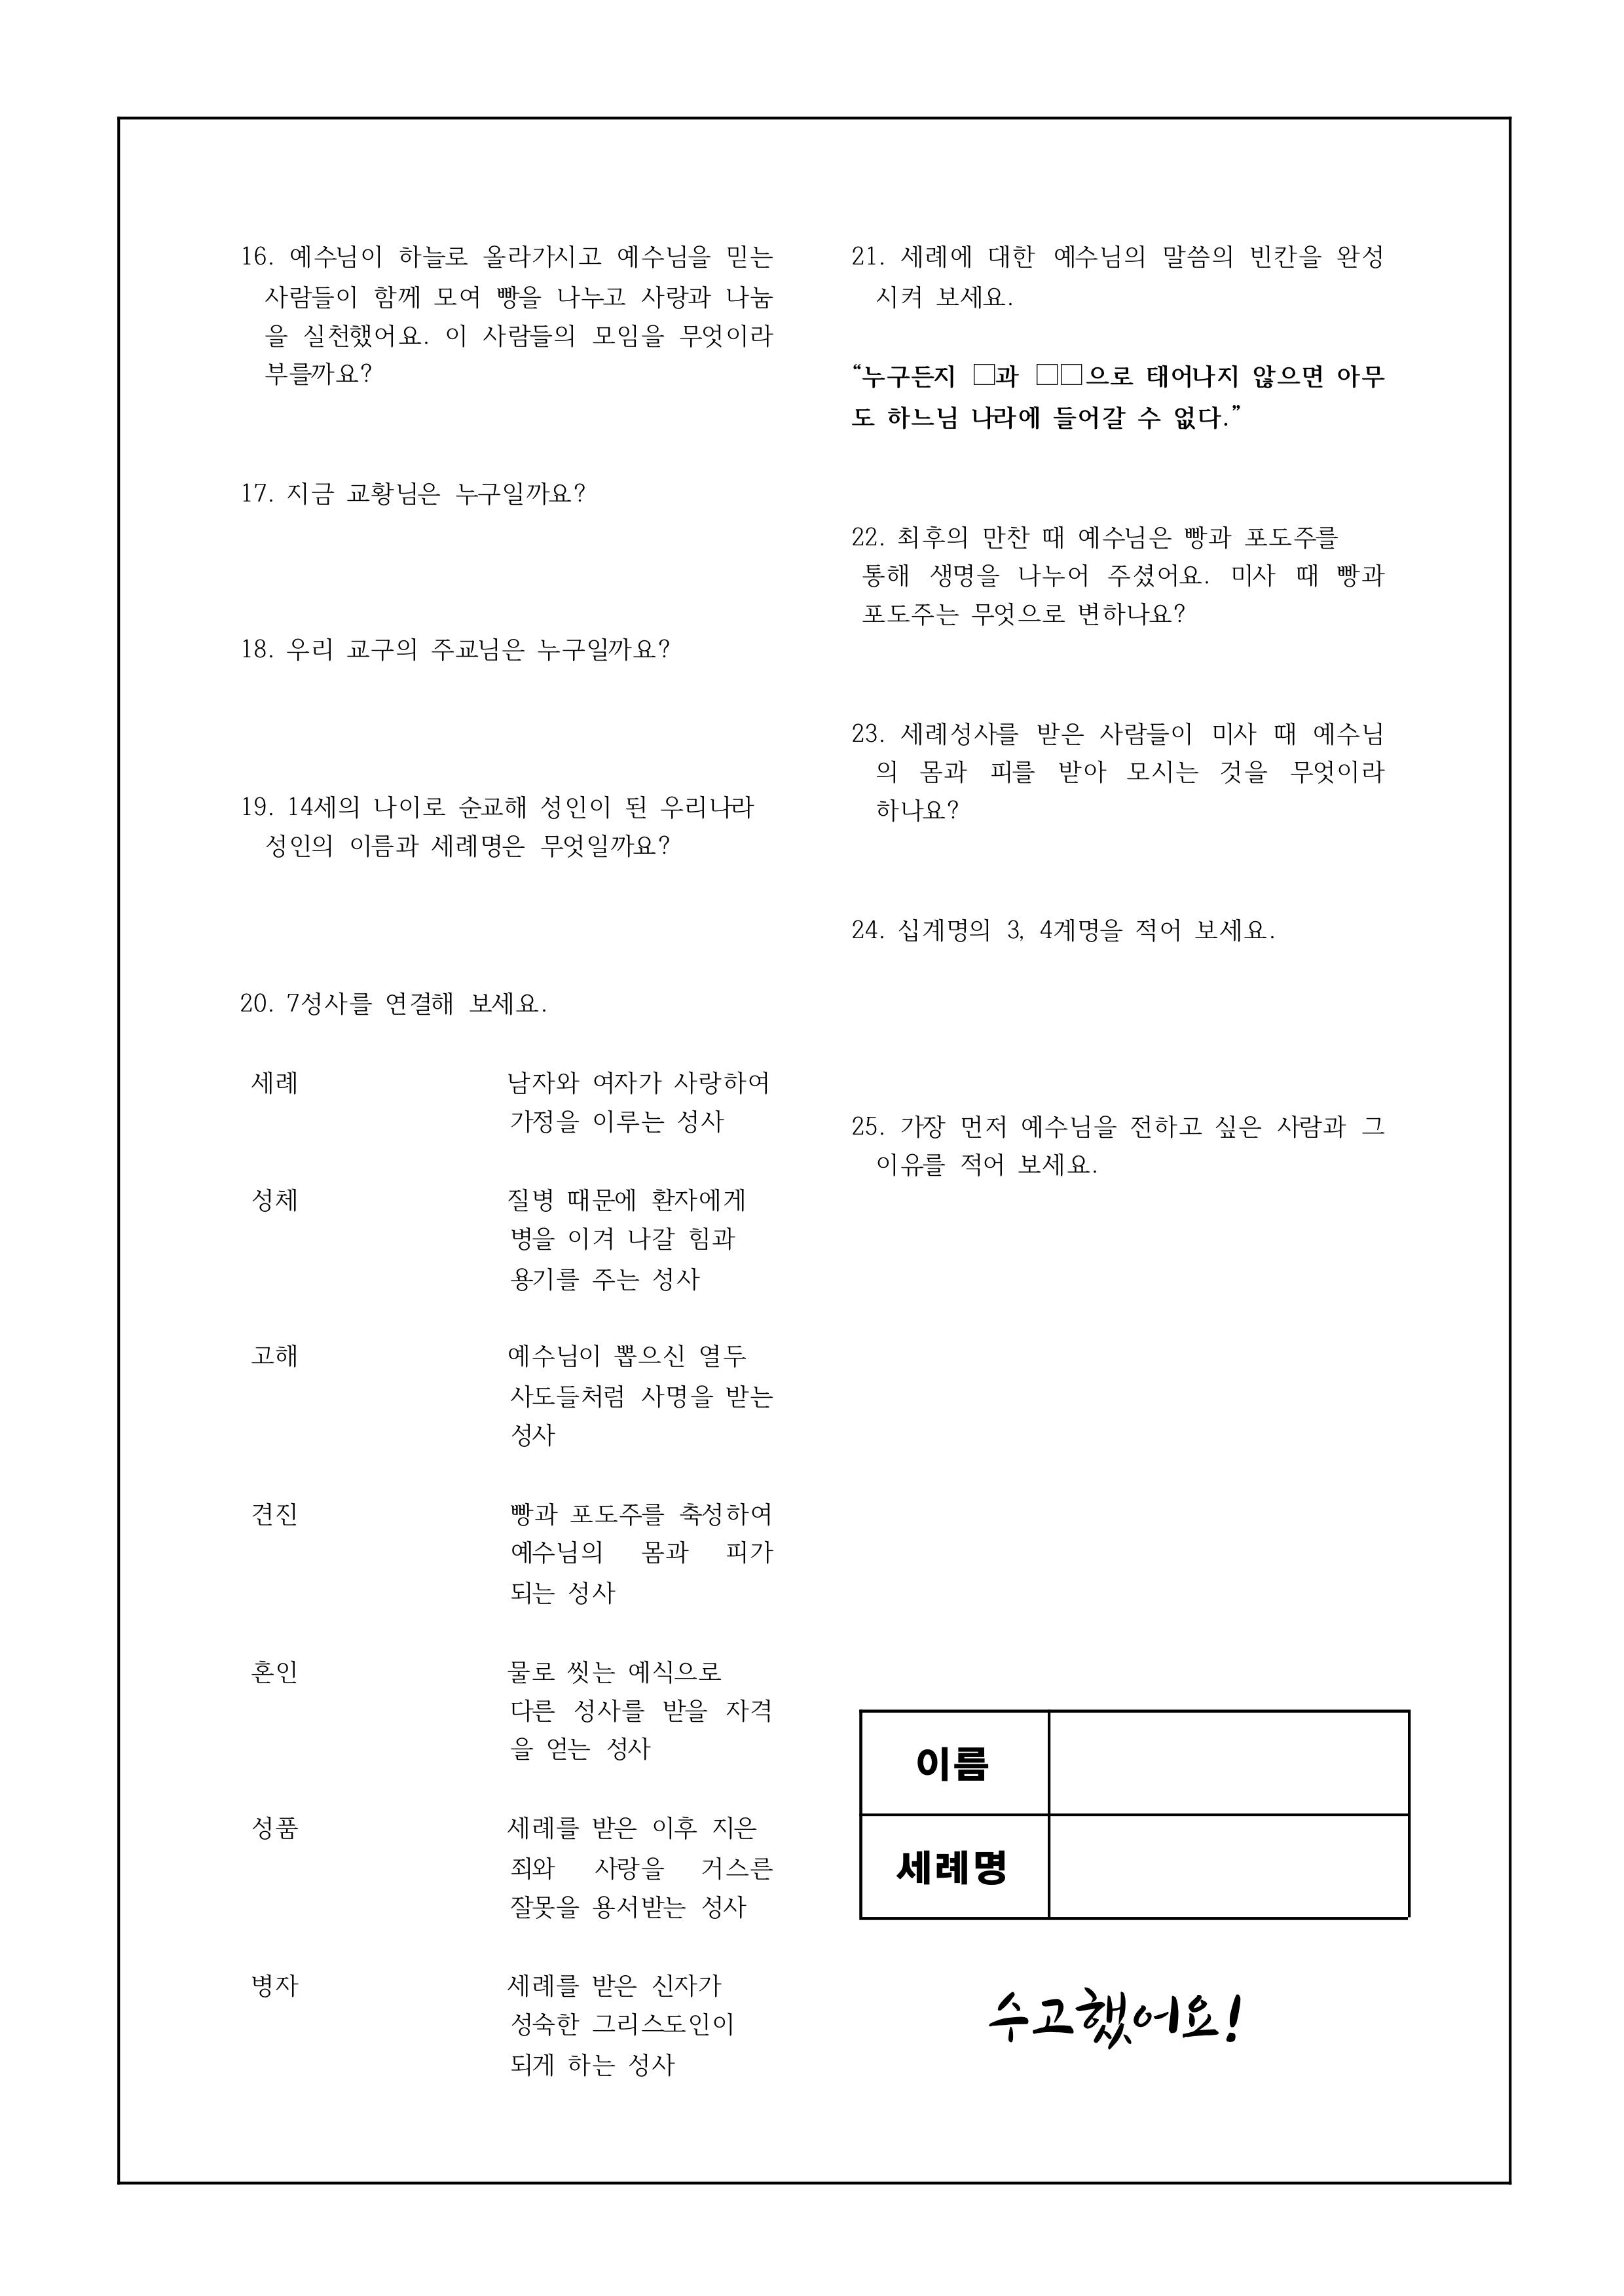 2019 첫영성체 찰고문제지 2.jpg